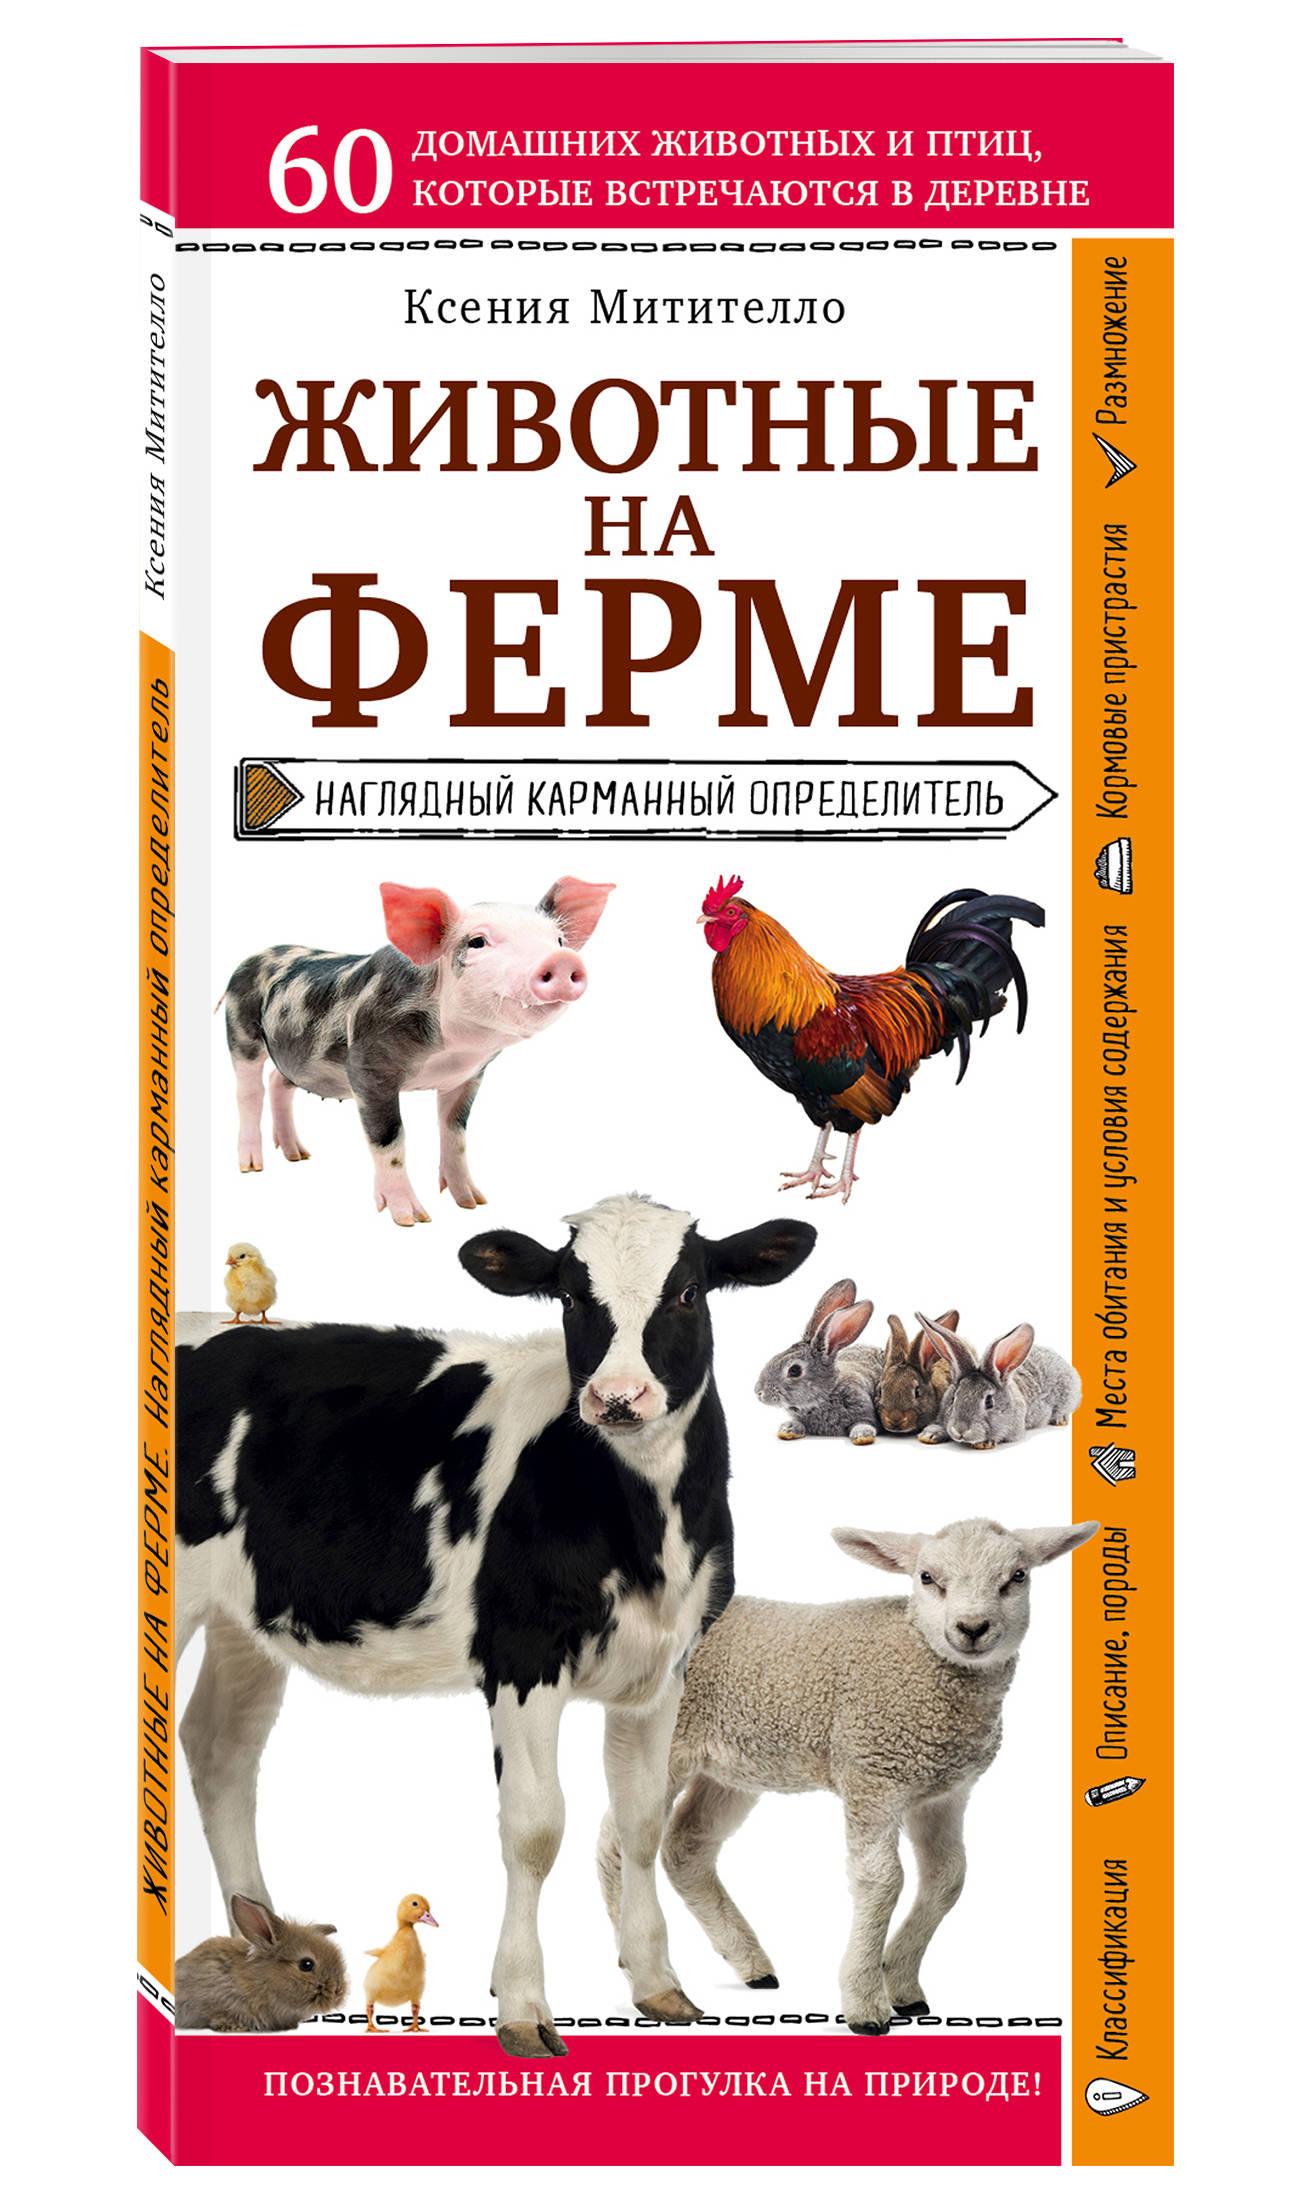 Митителло К.Б. Животные на ферме. Наглядный карманный определитель евгения шульдякова наферме родители и